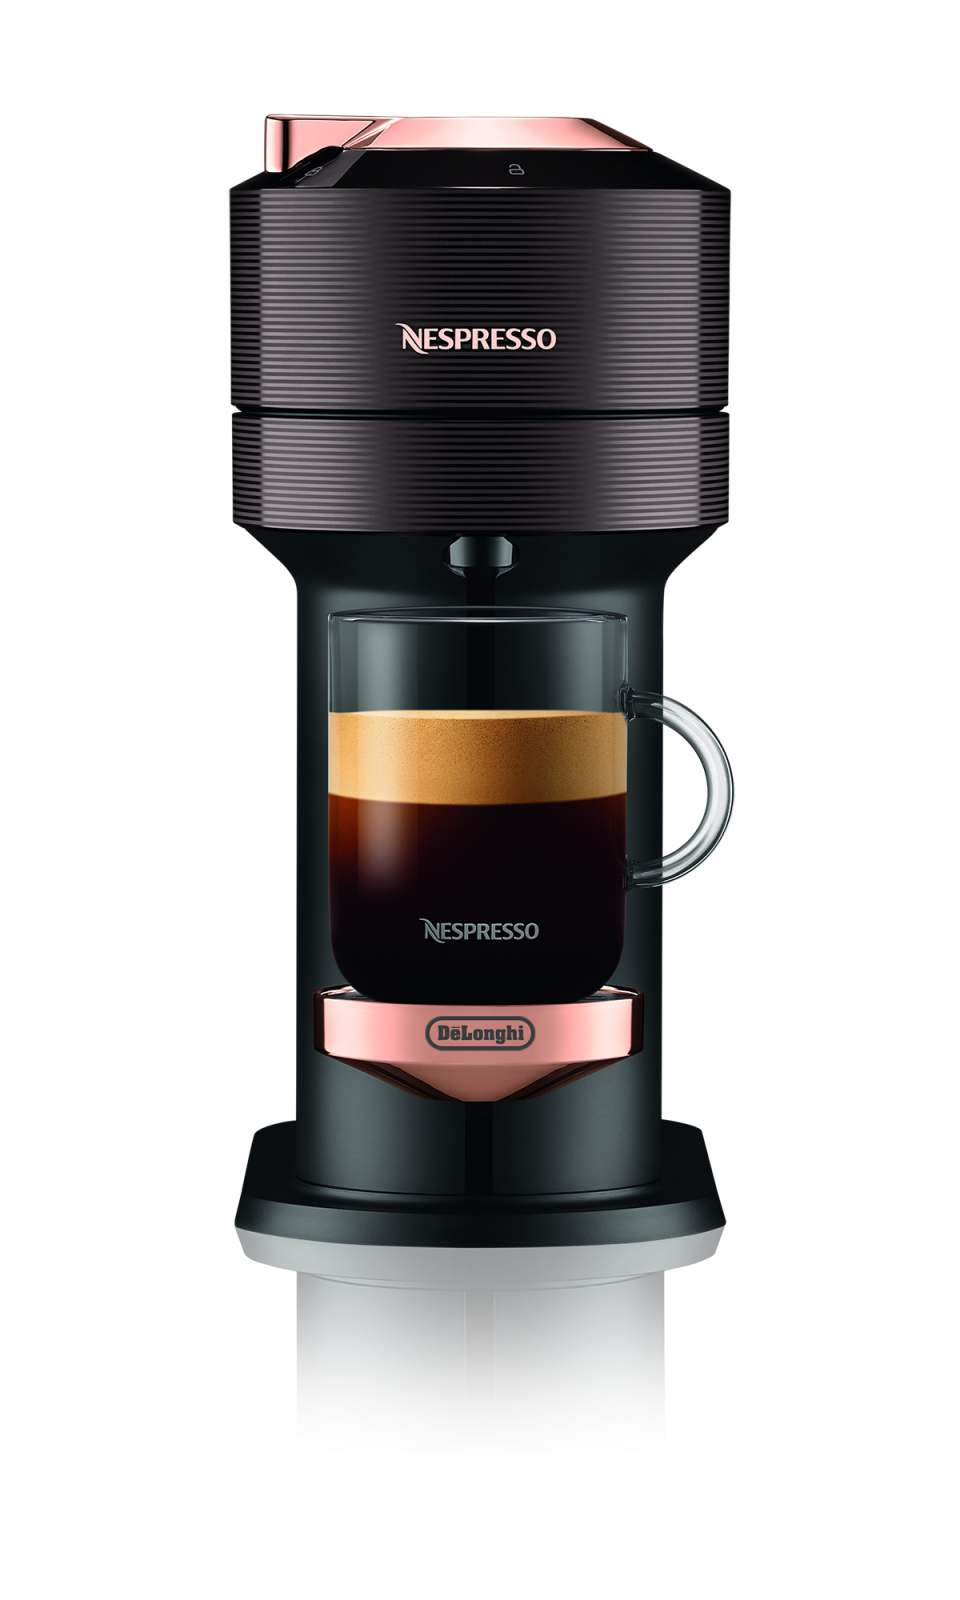 Nespresso Kaffeemaschine VertuoNext ist eine kompakte und smarte Maschine.